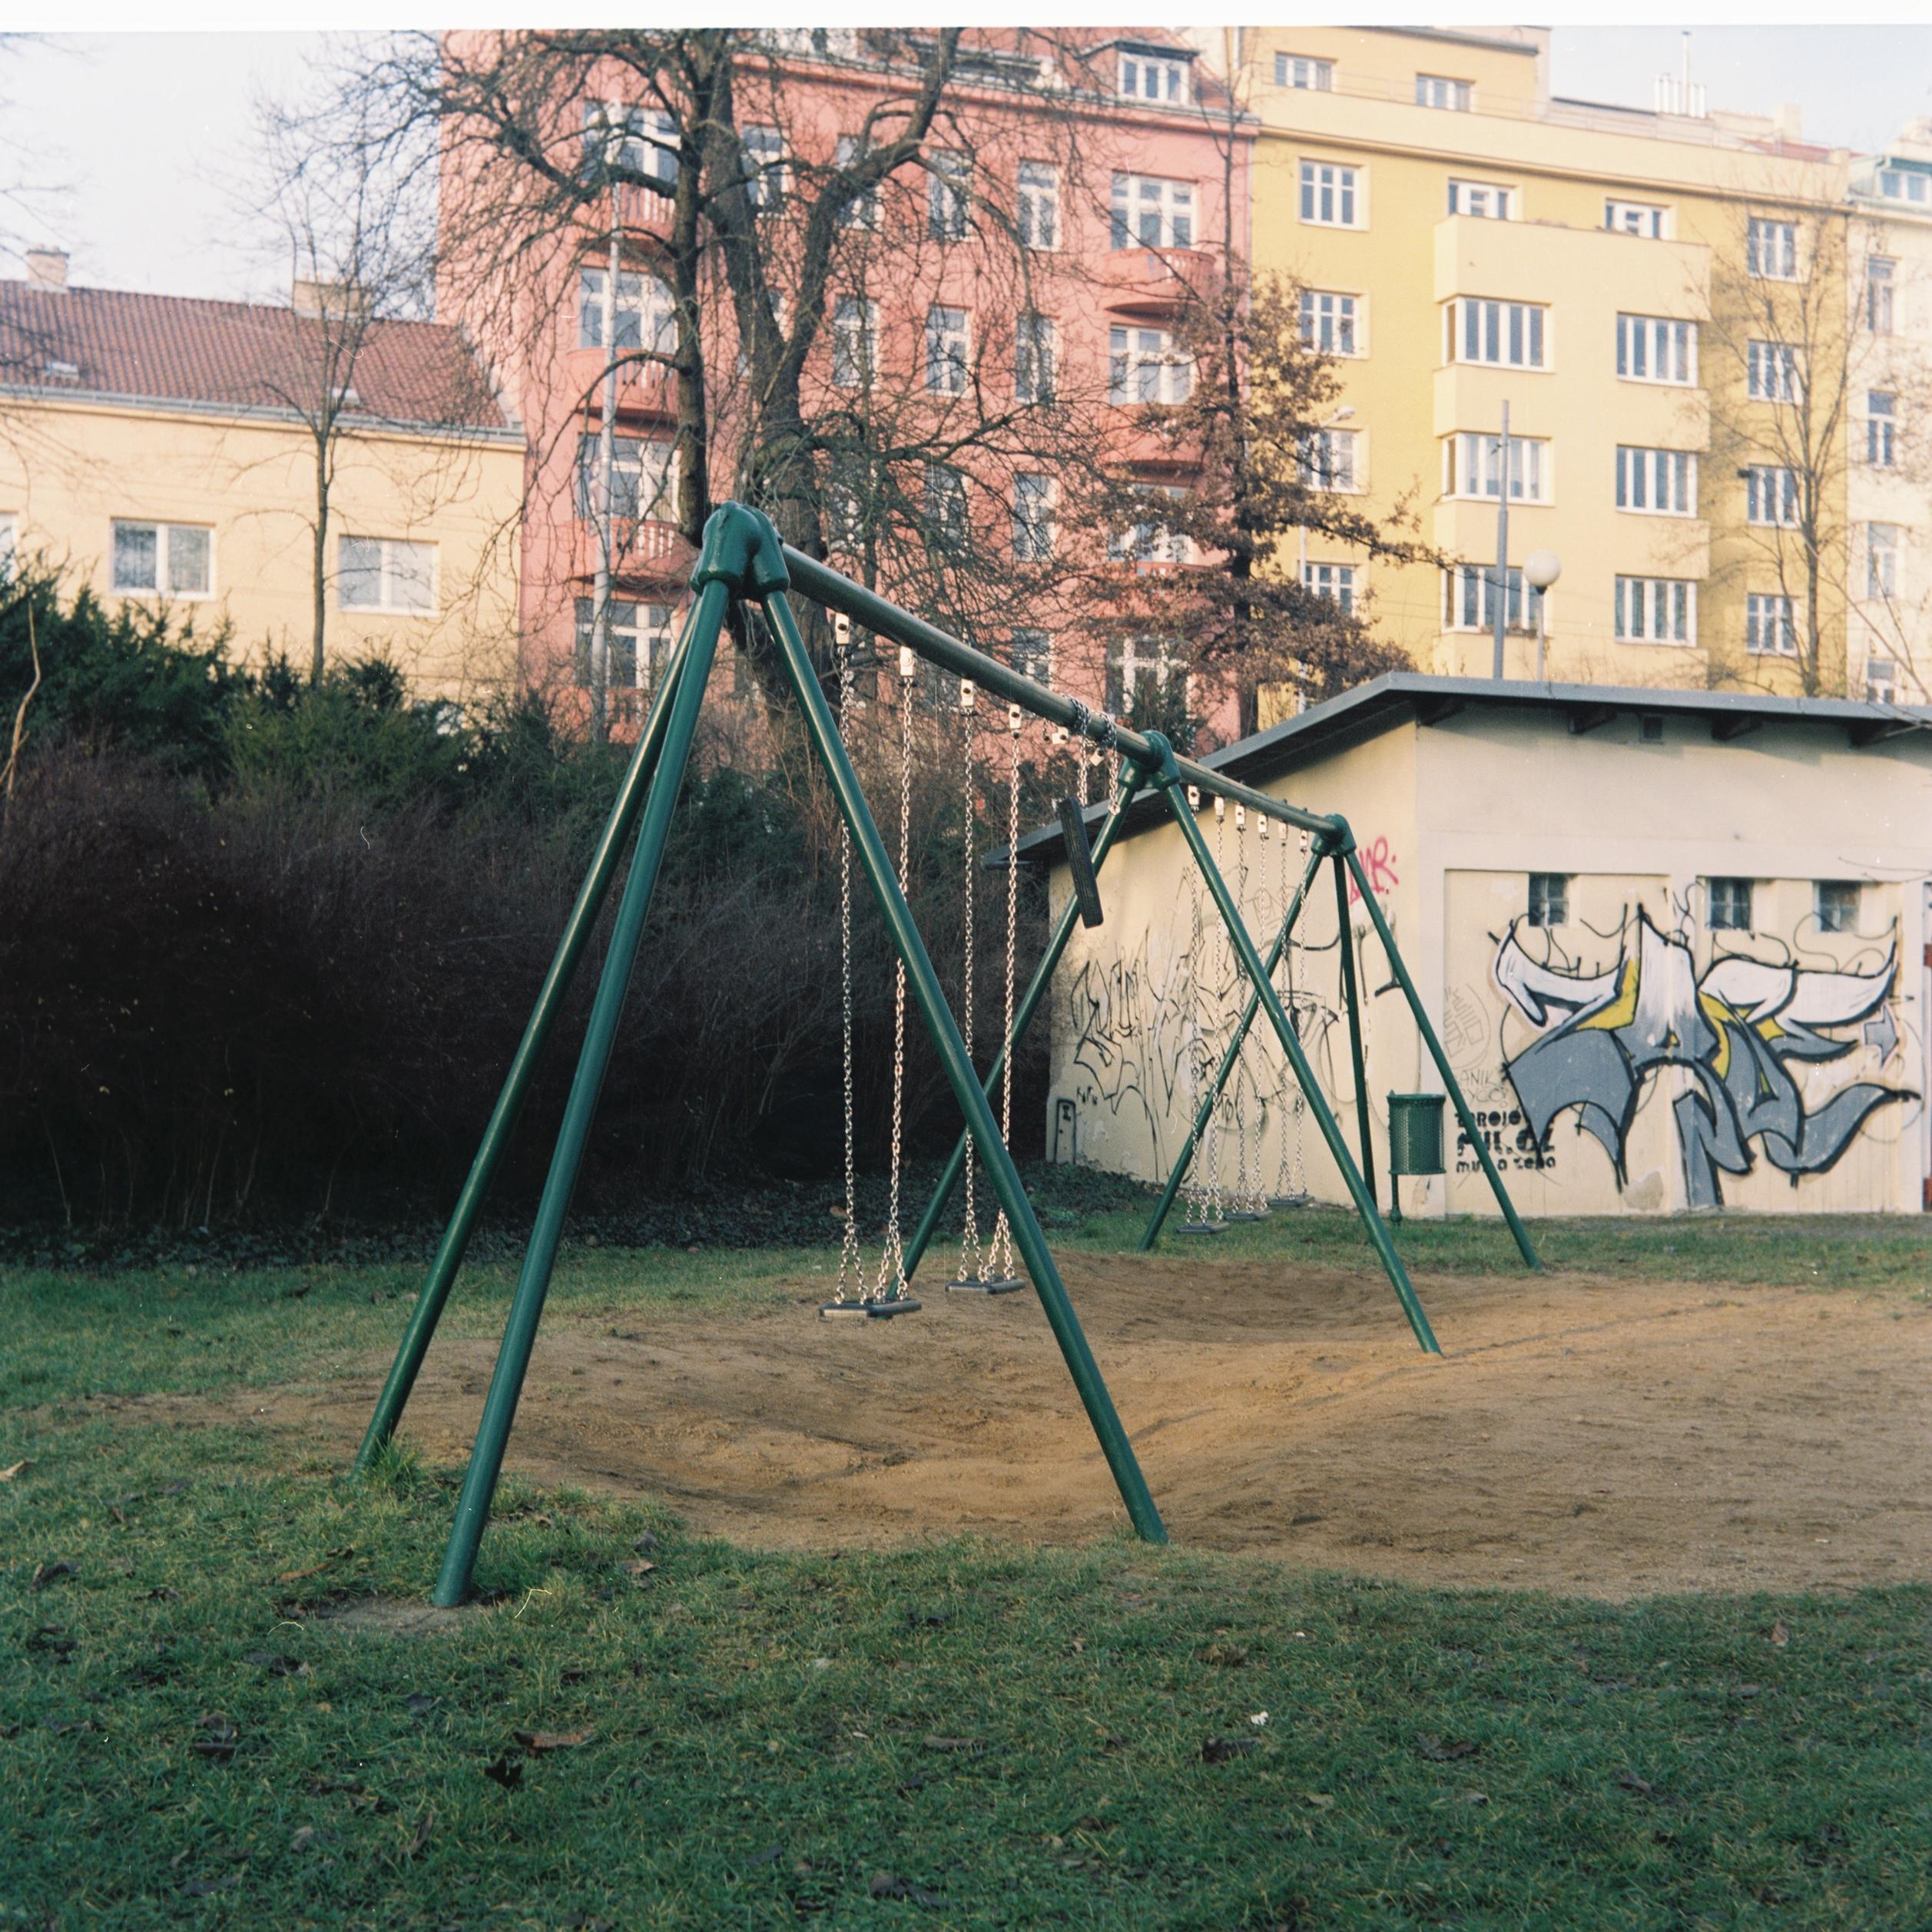 Flexaret 3a - Swings